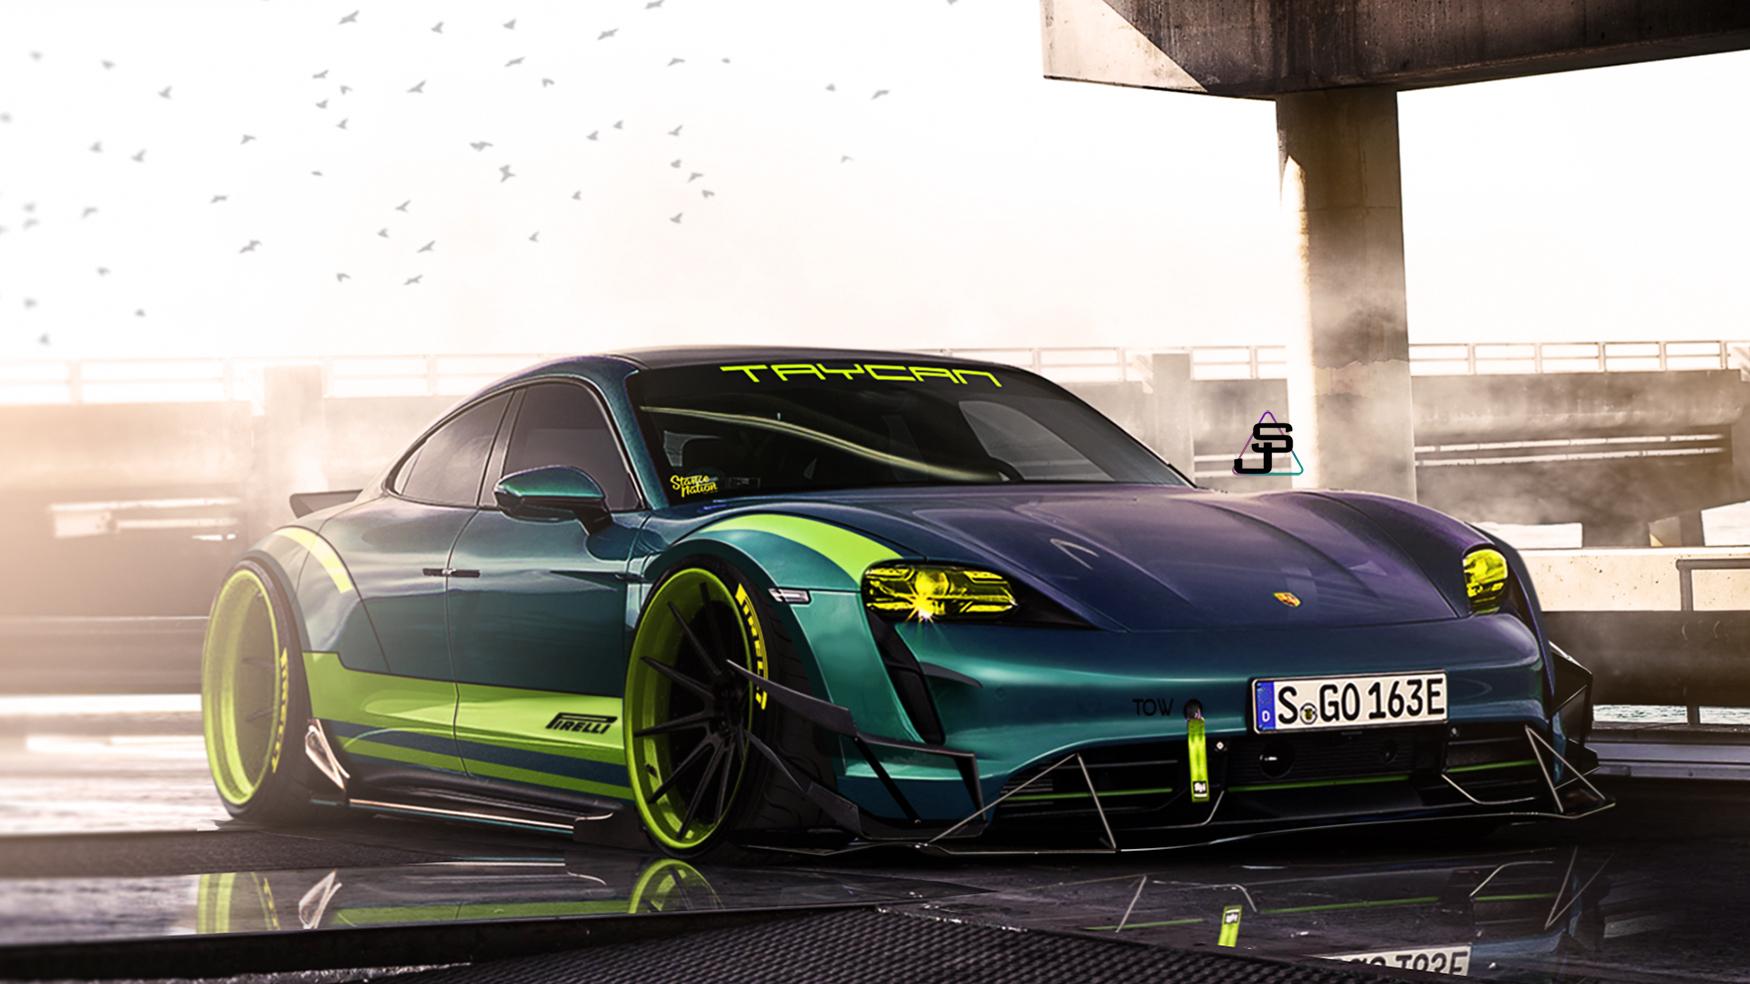 2020 Porsche Taycan Turbo S Comptition Autemo Com Automotive Design Studio